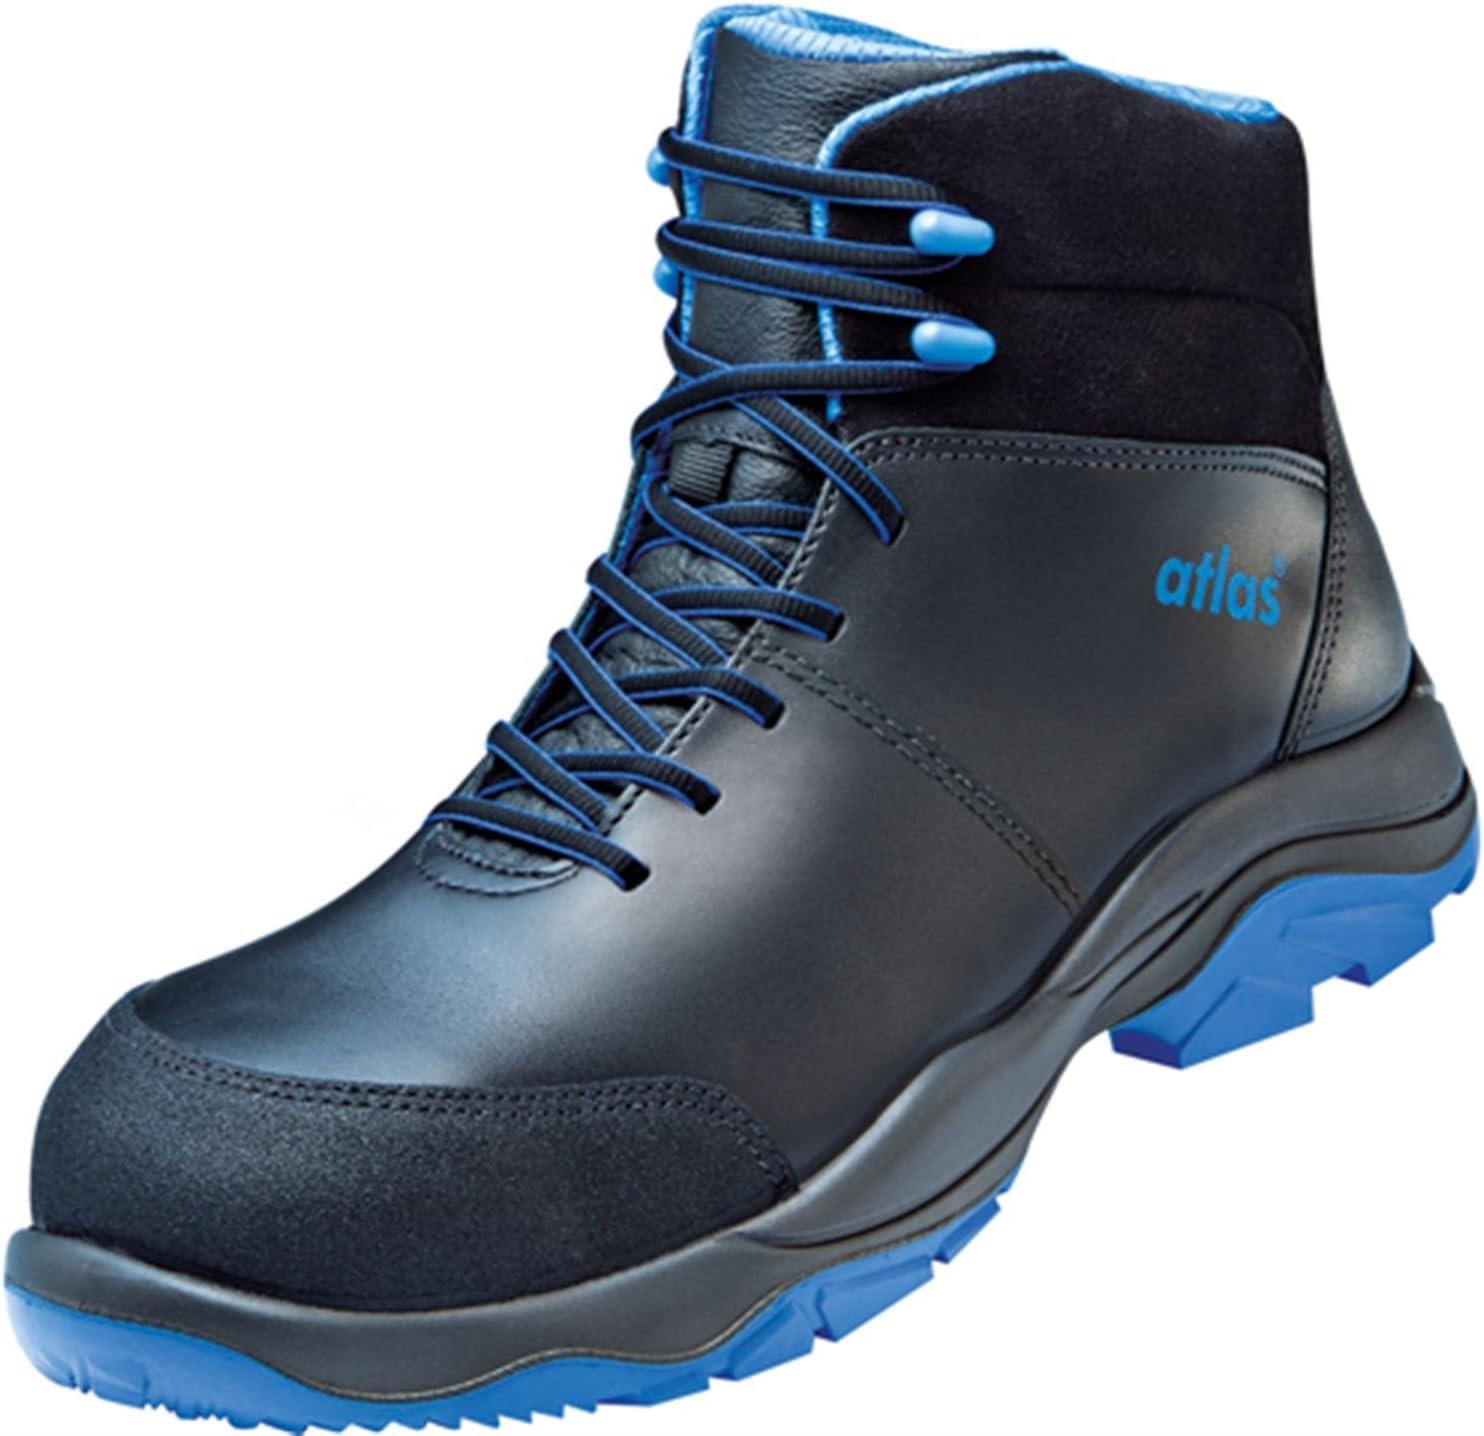 SL 845 XP BLUE EN ISO 20345 S3 Gr 42